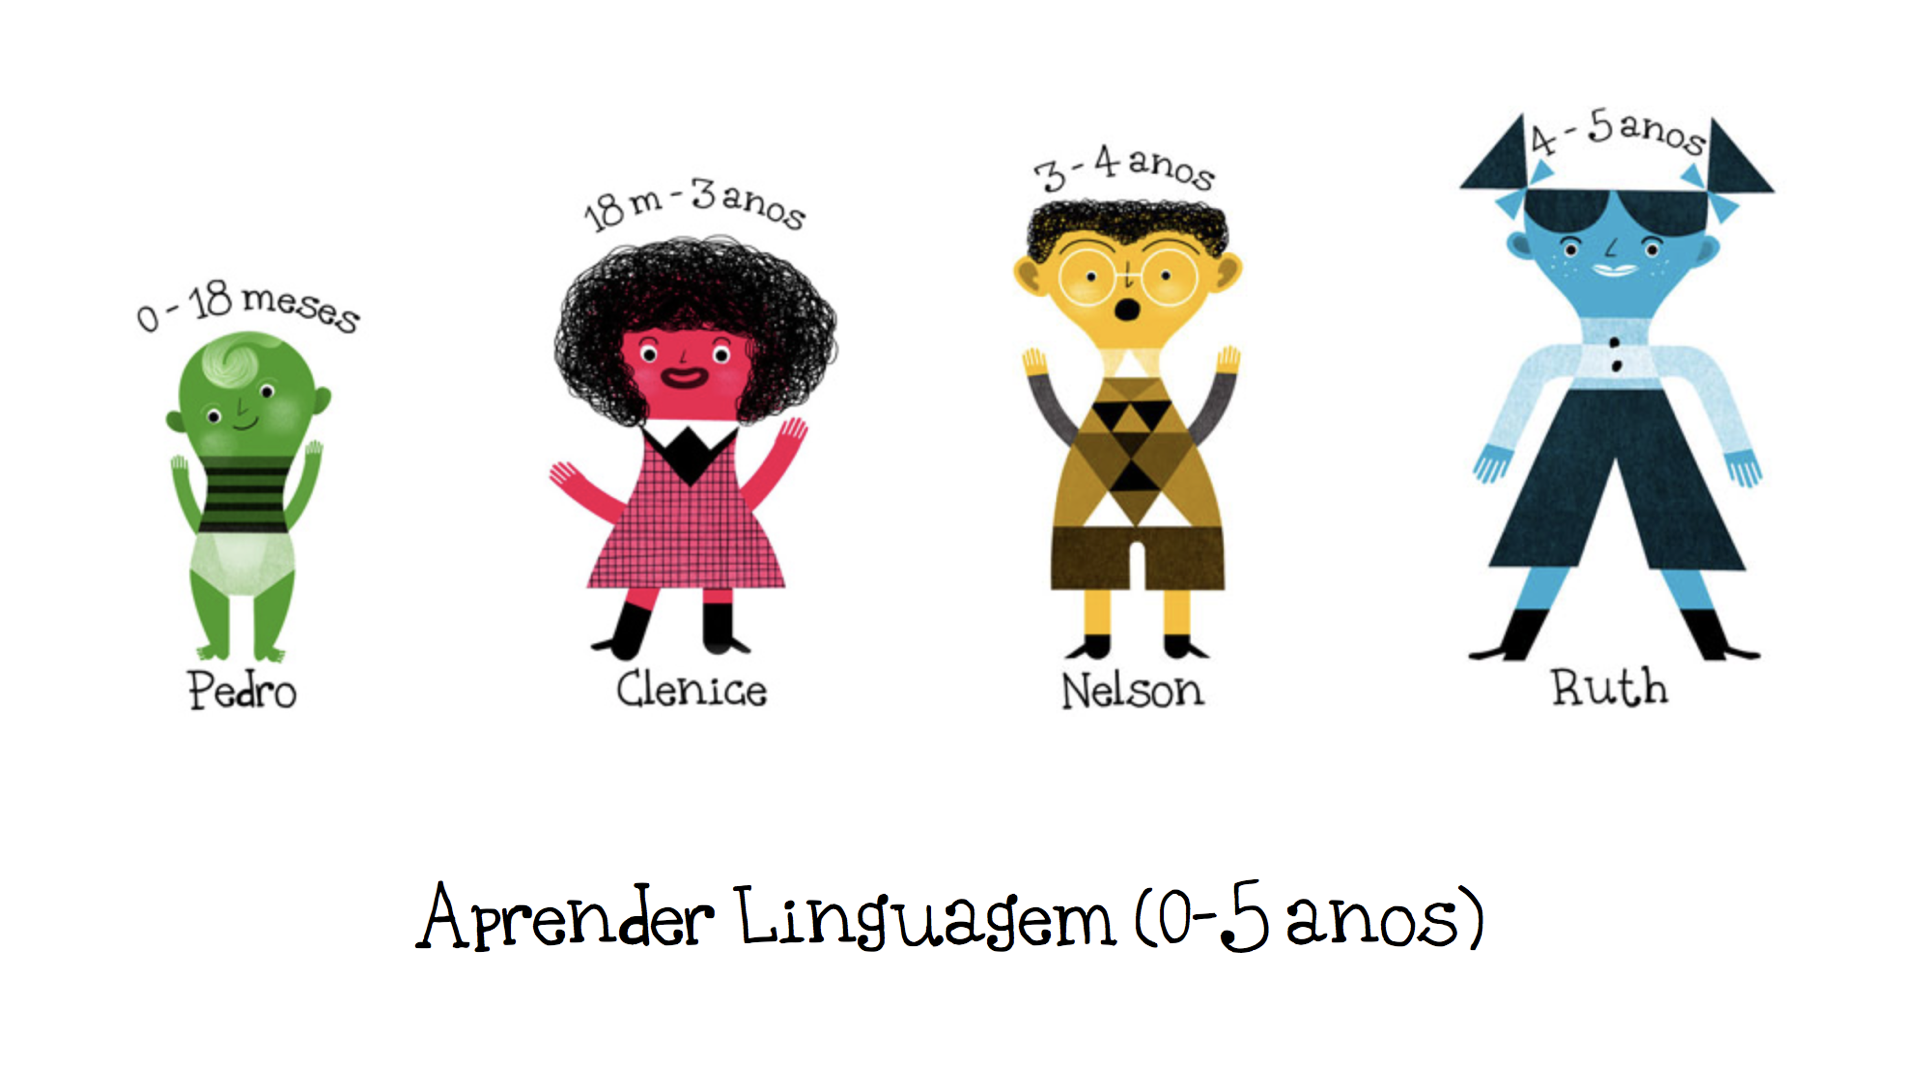 Aprender linguagem: falando palavras